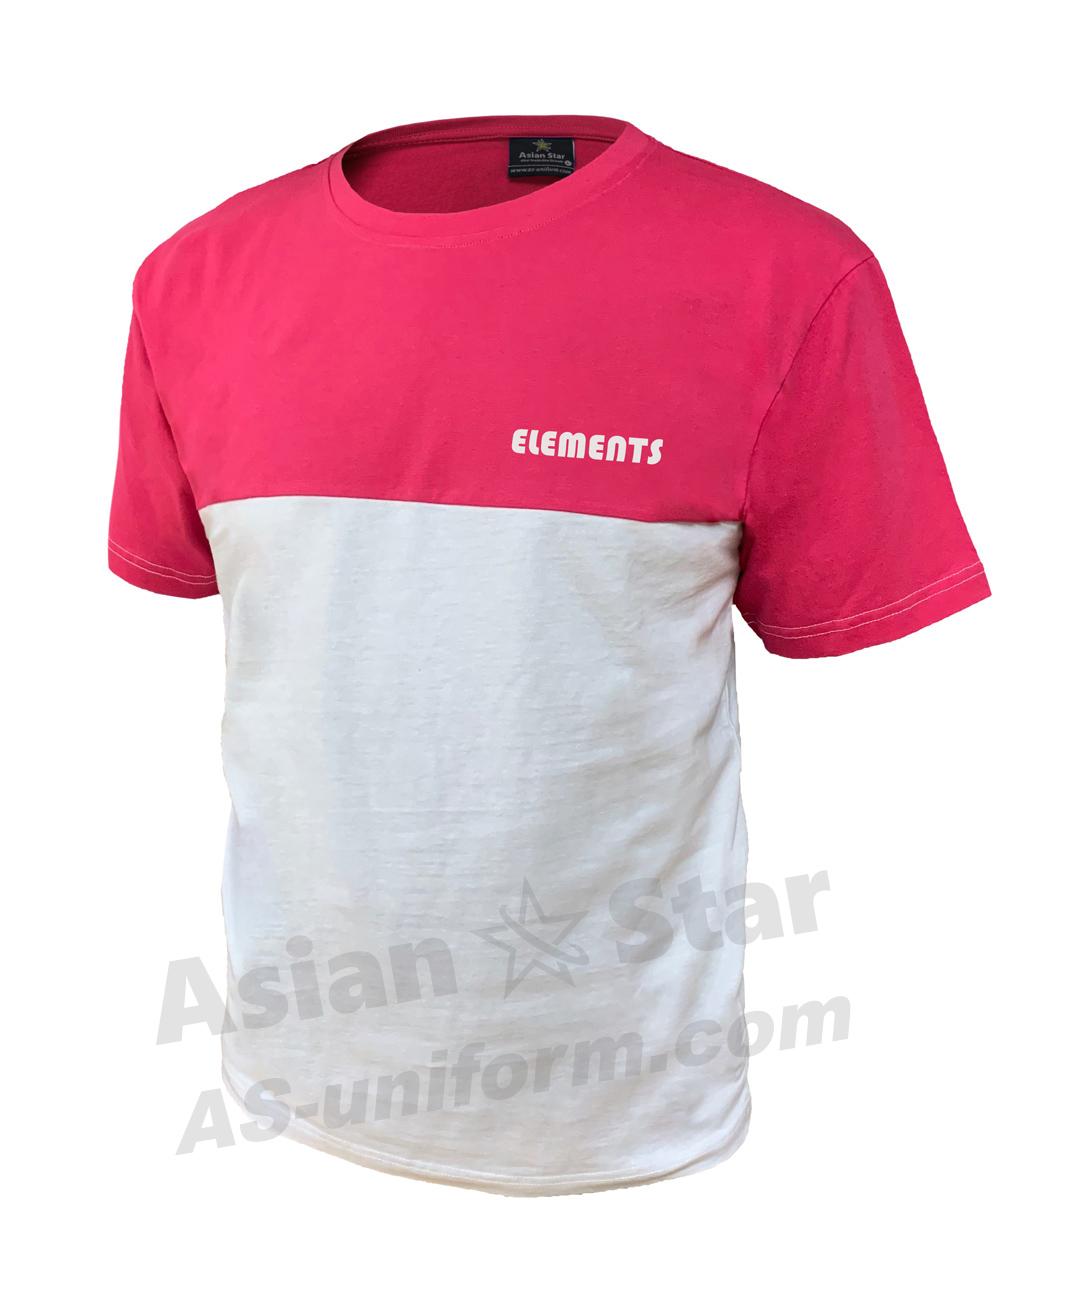 印衫T恤AS111